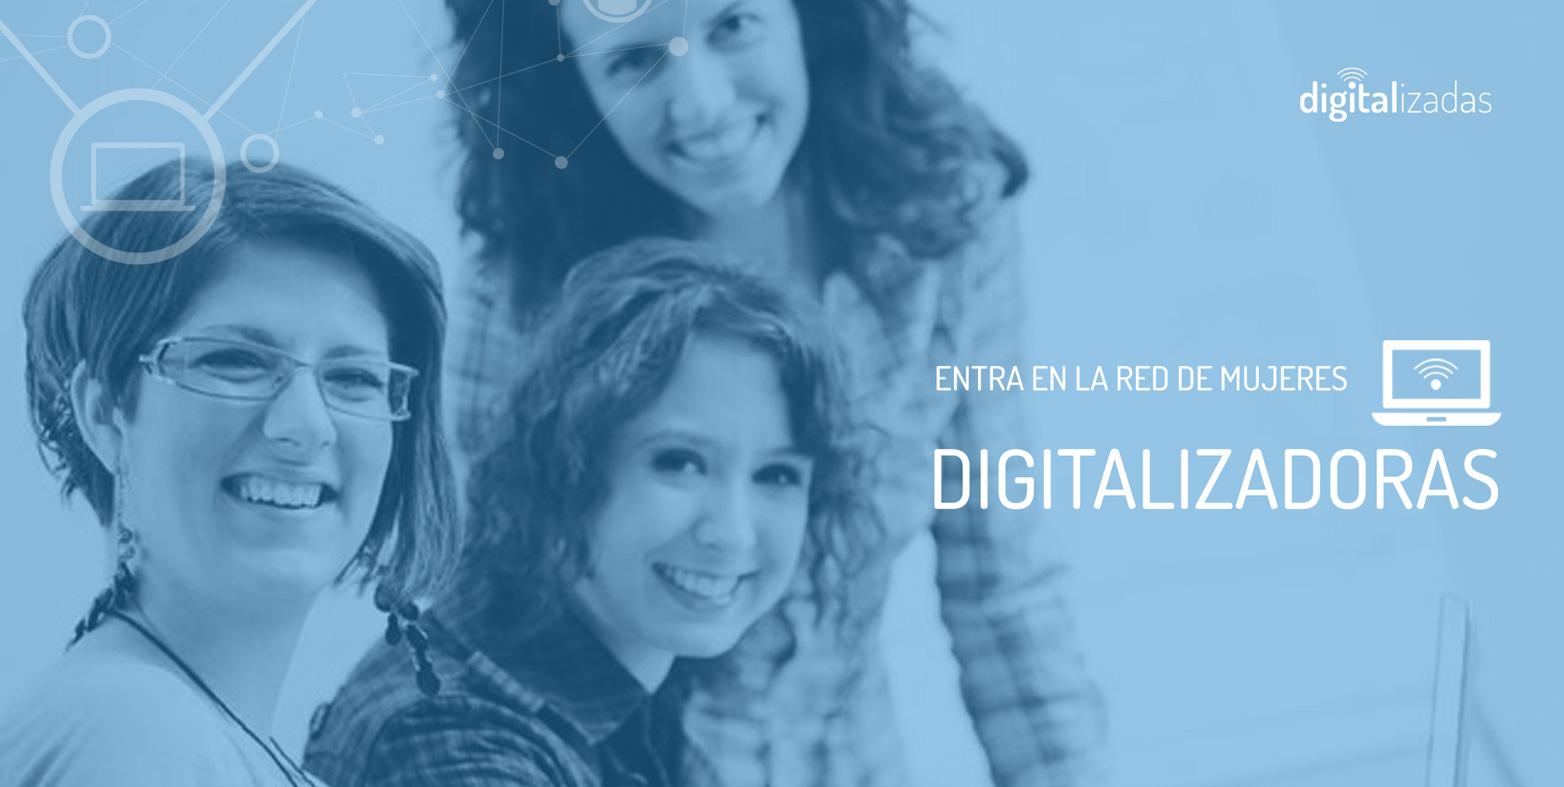 Cibervoluntarios, Google.org y Fundación Mujeres presentan la red de mujeres Digitalizadoras